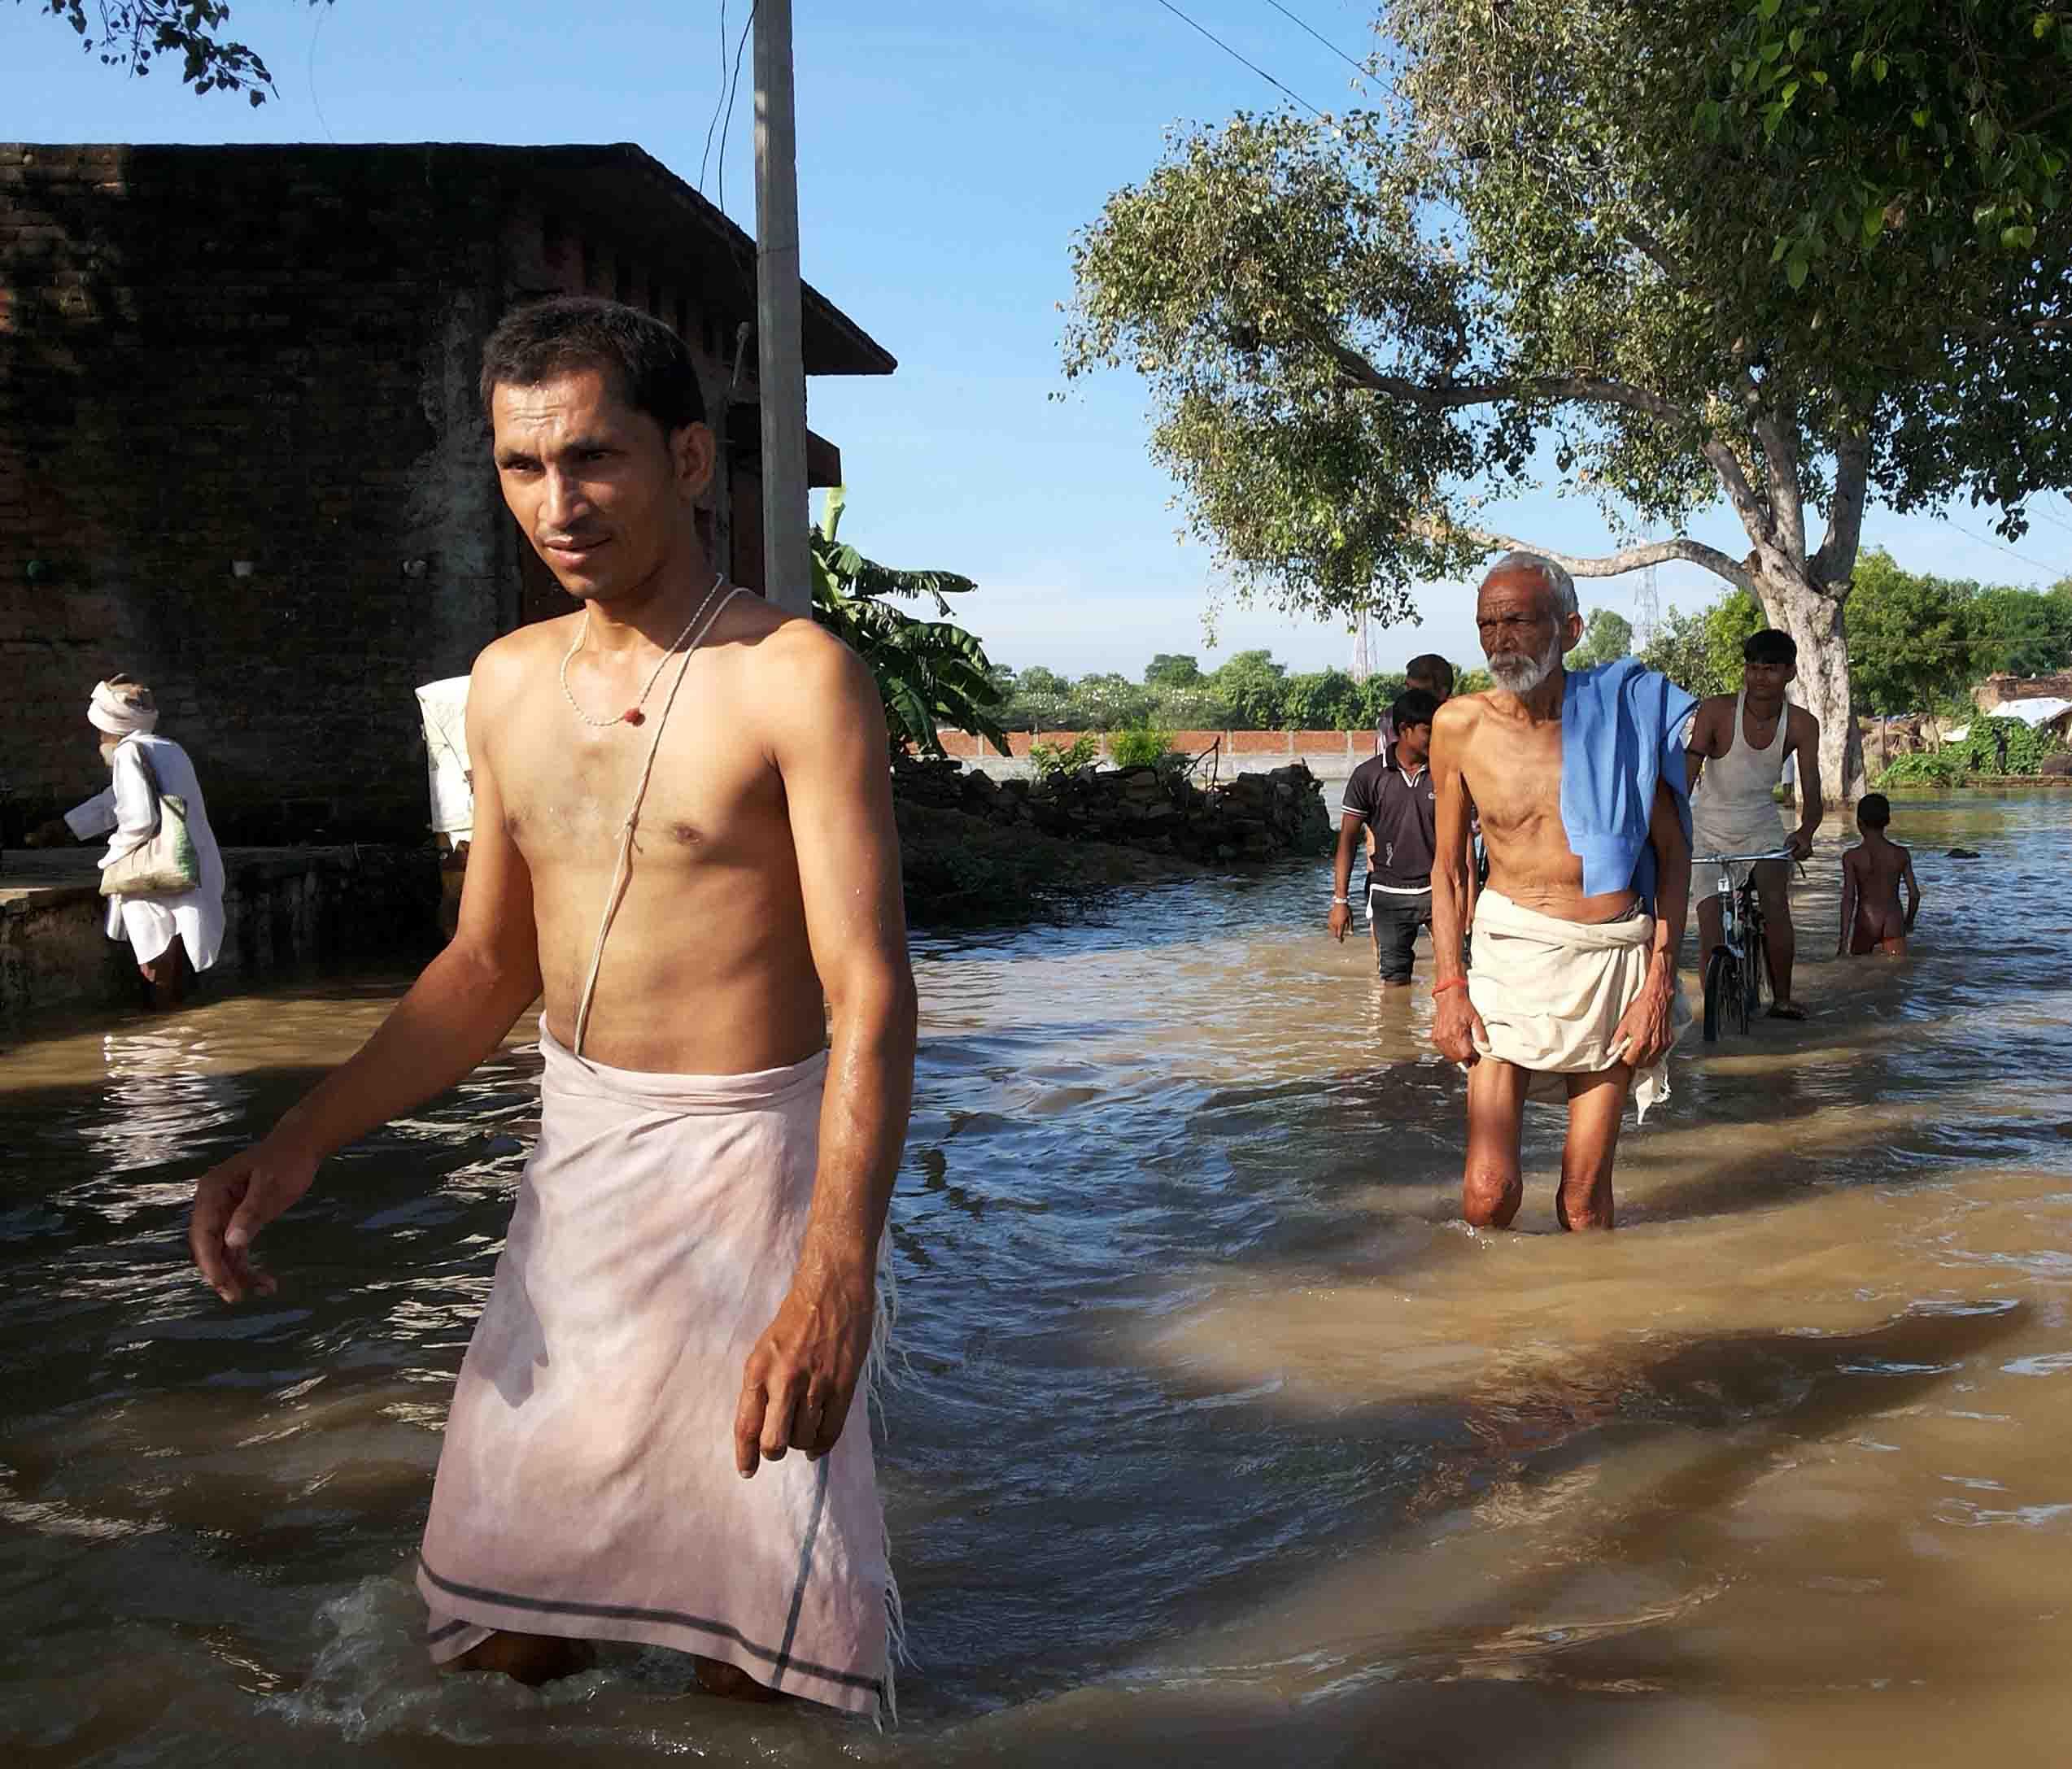 कर्वी के मऊ ब्लाक में घरों में घुसा पानी